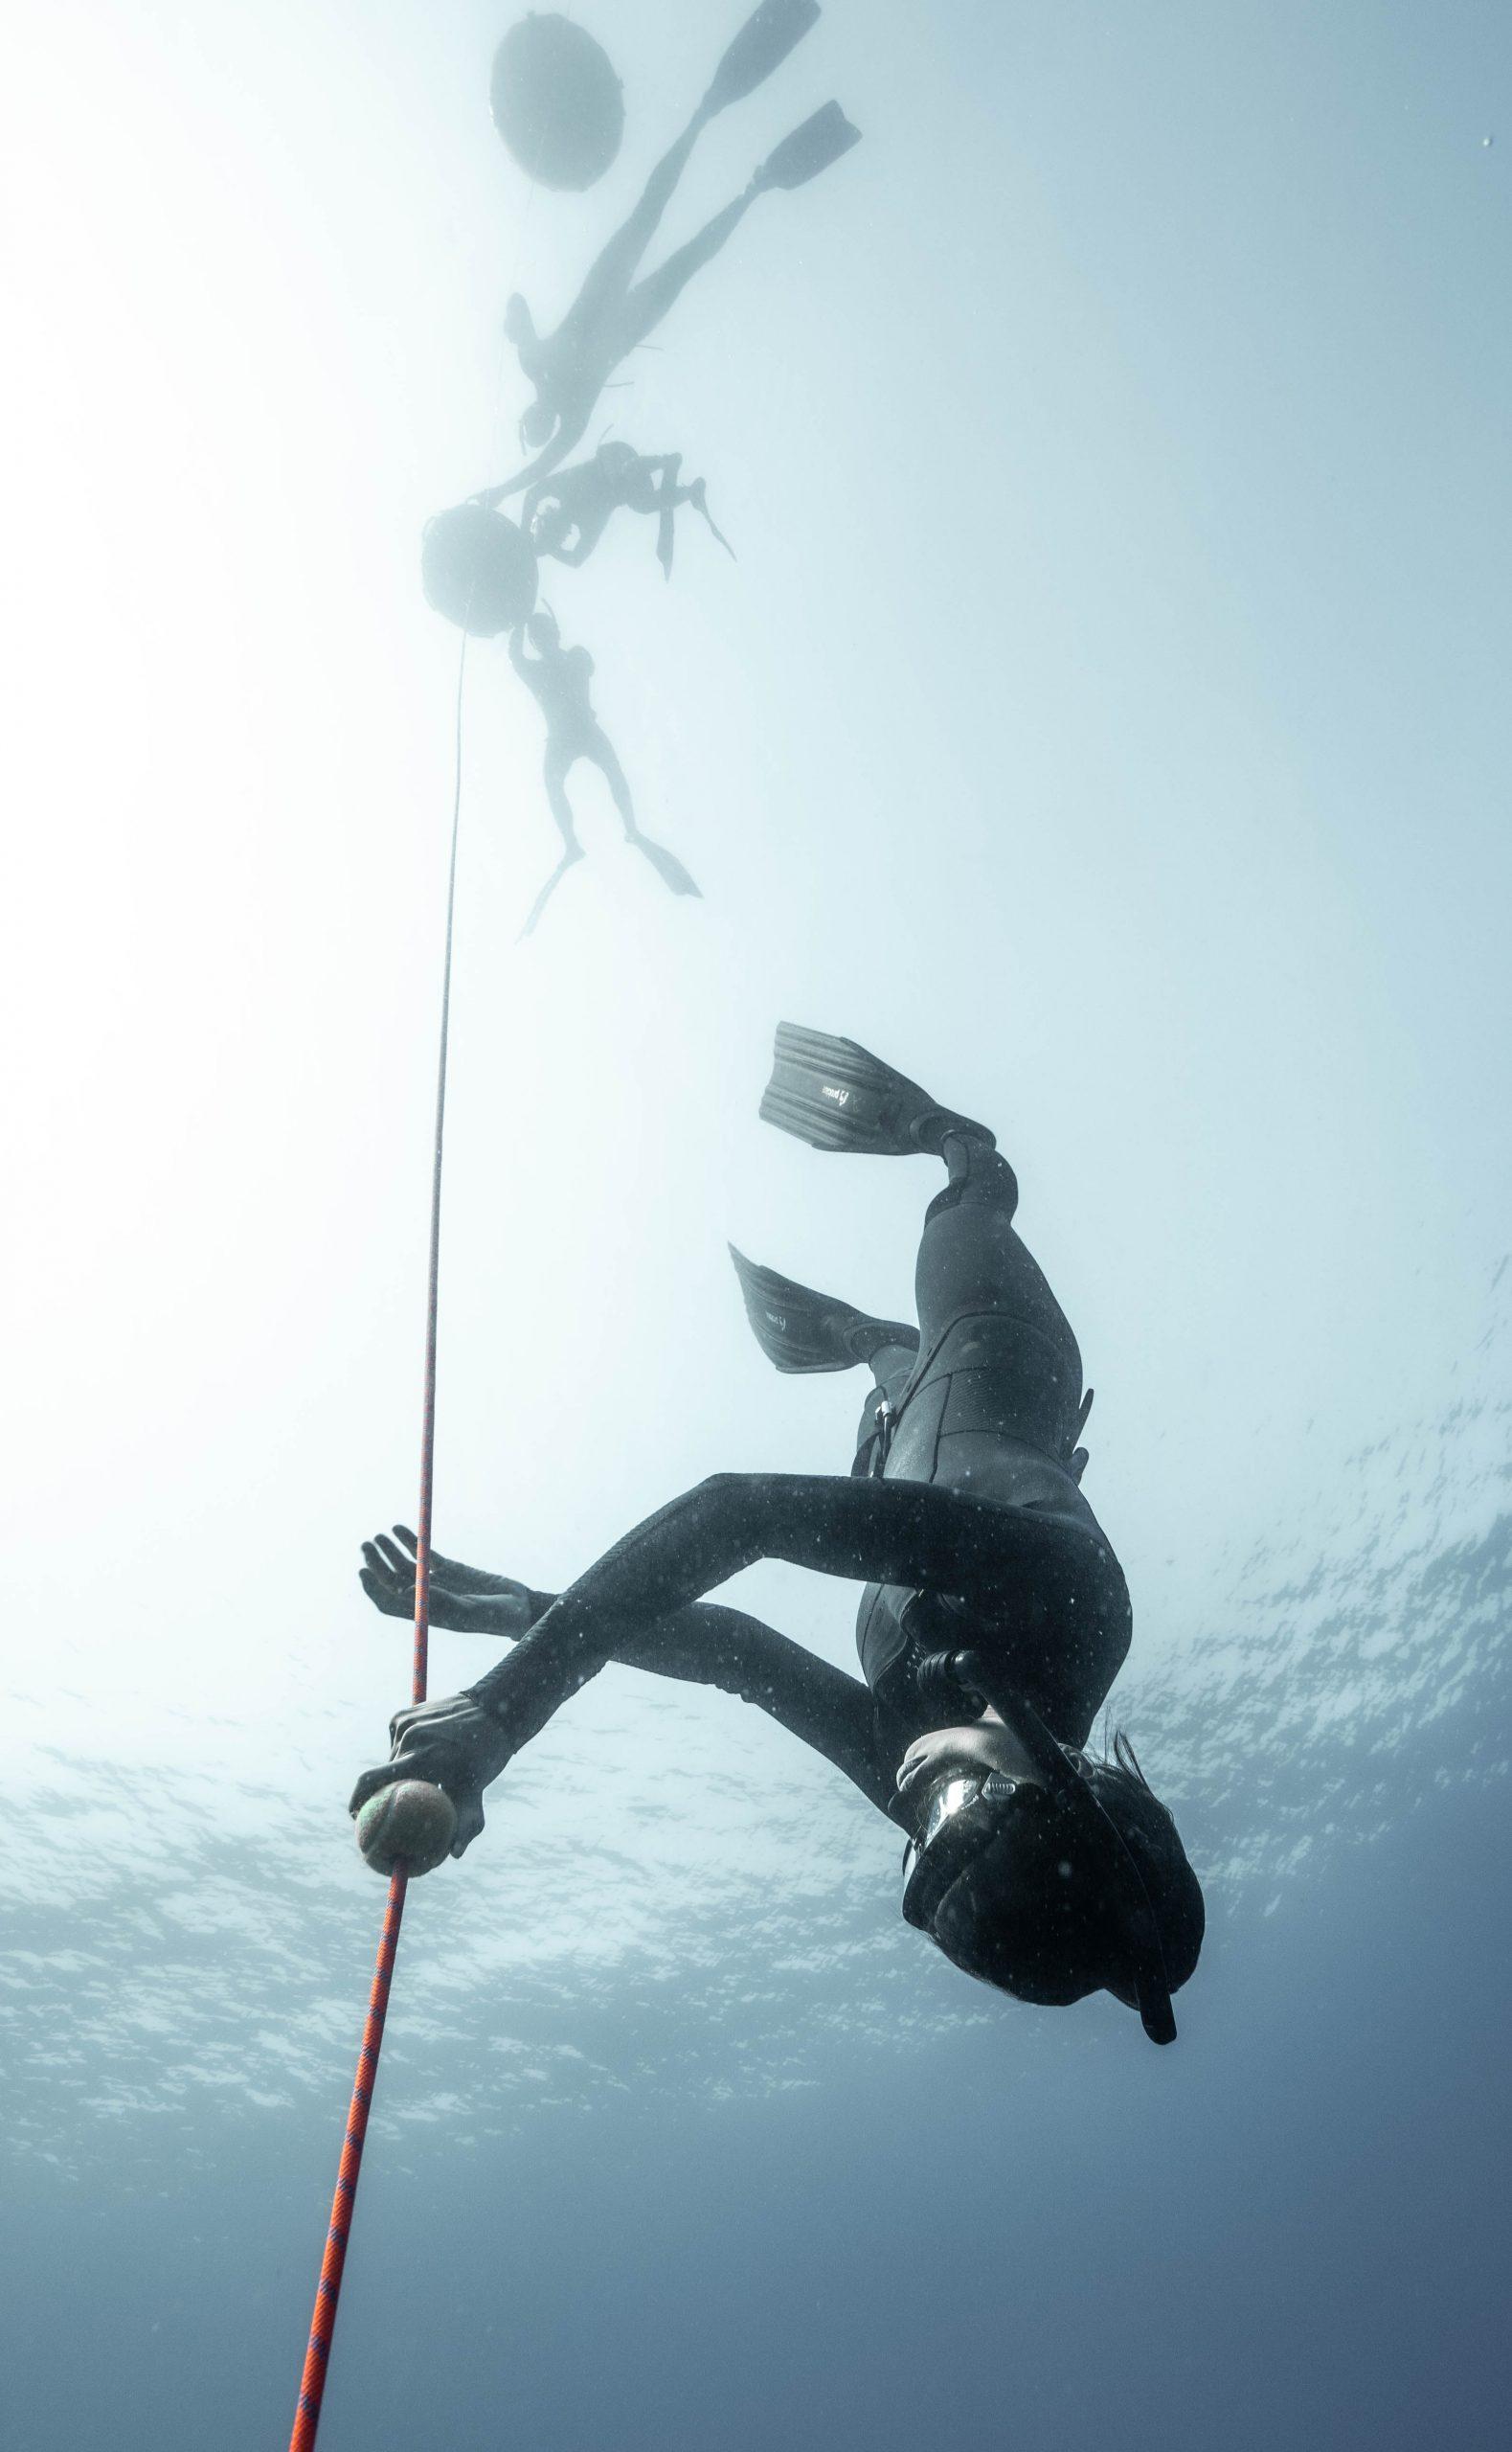 freedive taiwan